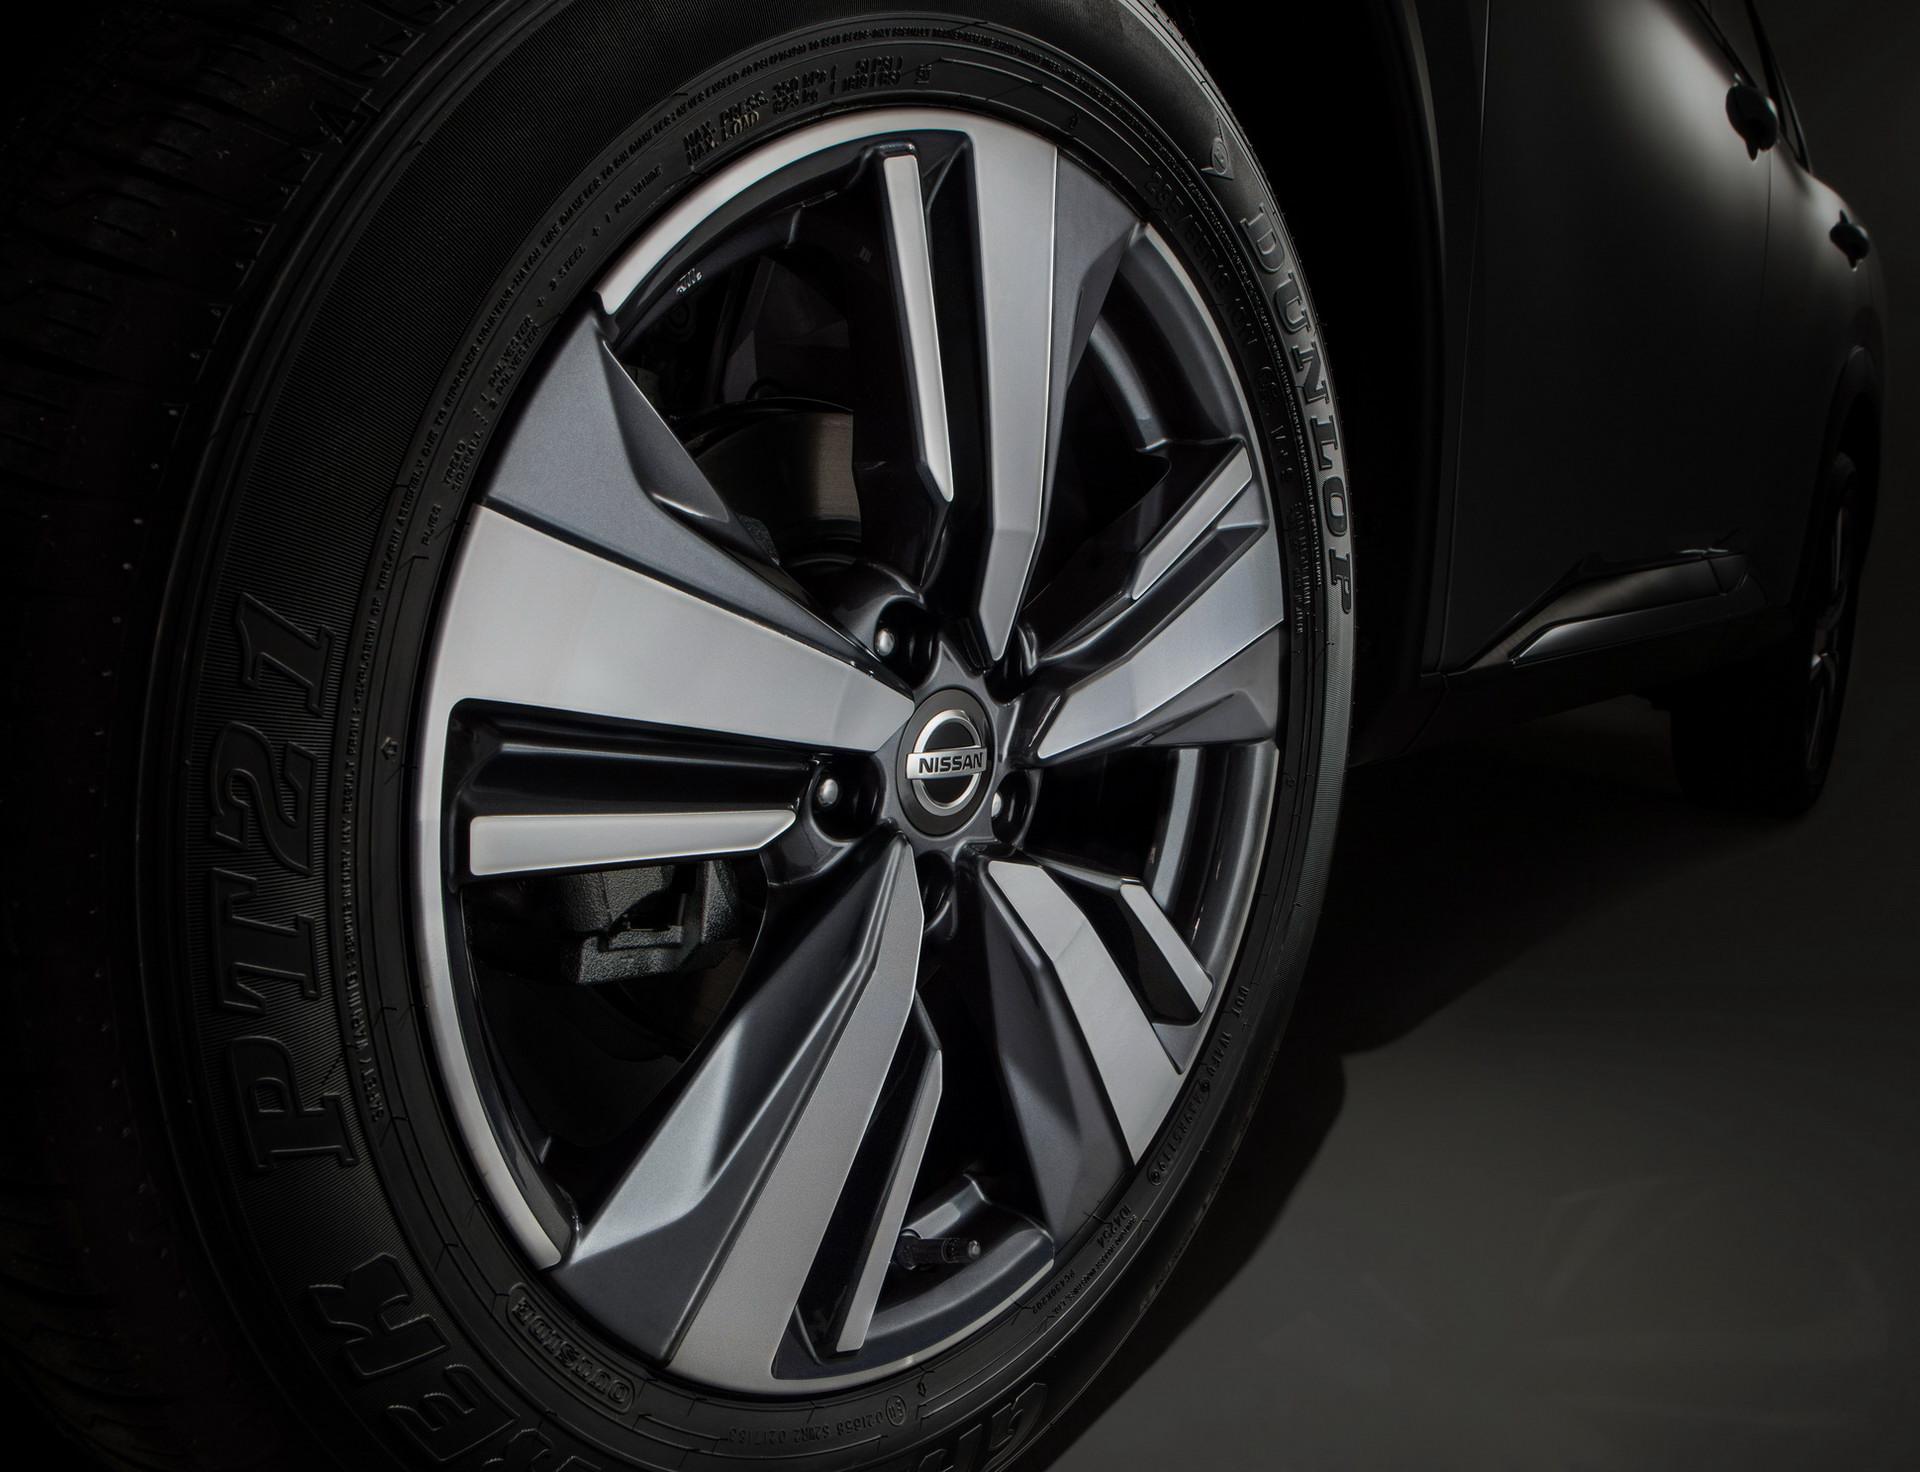 日产生产了某些2021年Rogue suv,带有Maxima车轮螺母